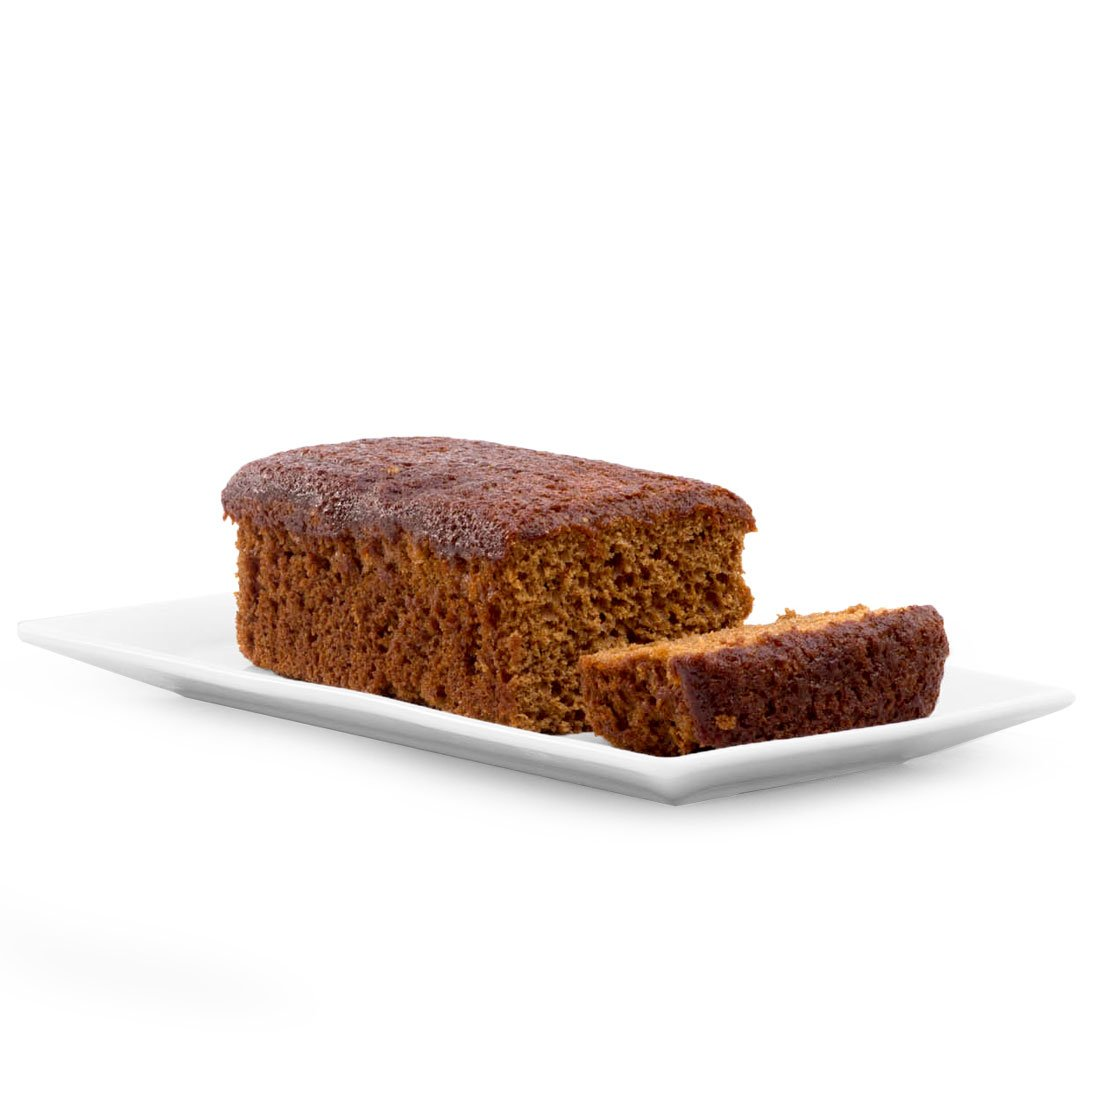 Green's Bakery Honey Cake Kosher Dessert